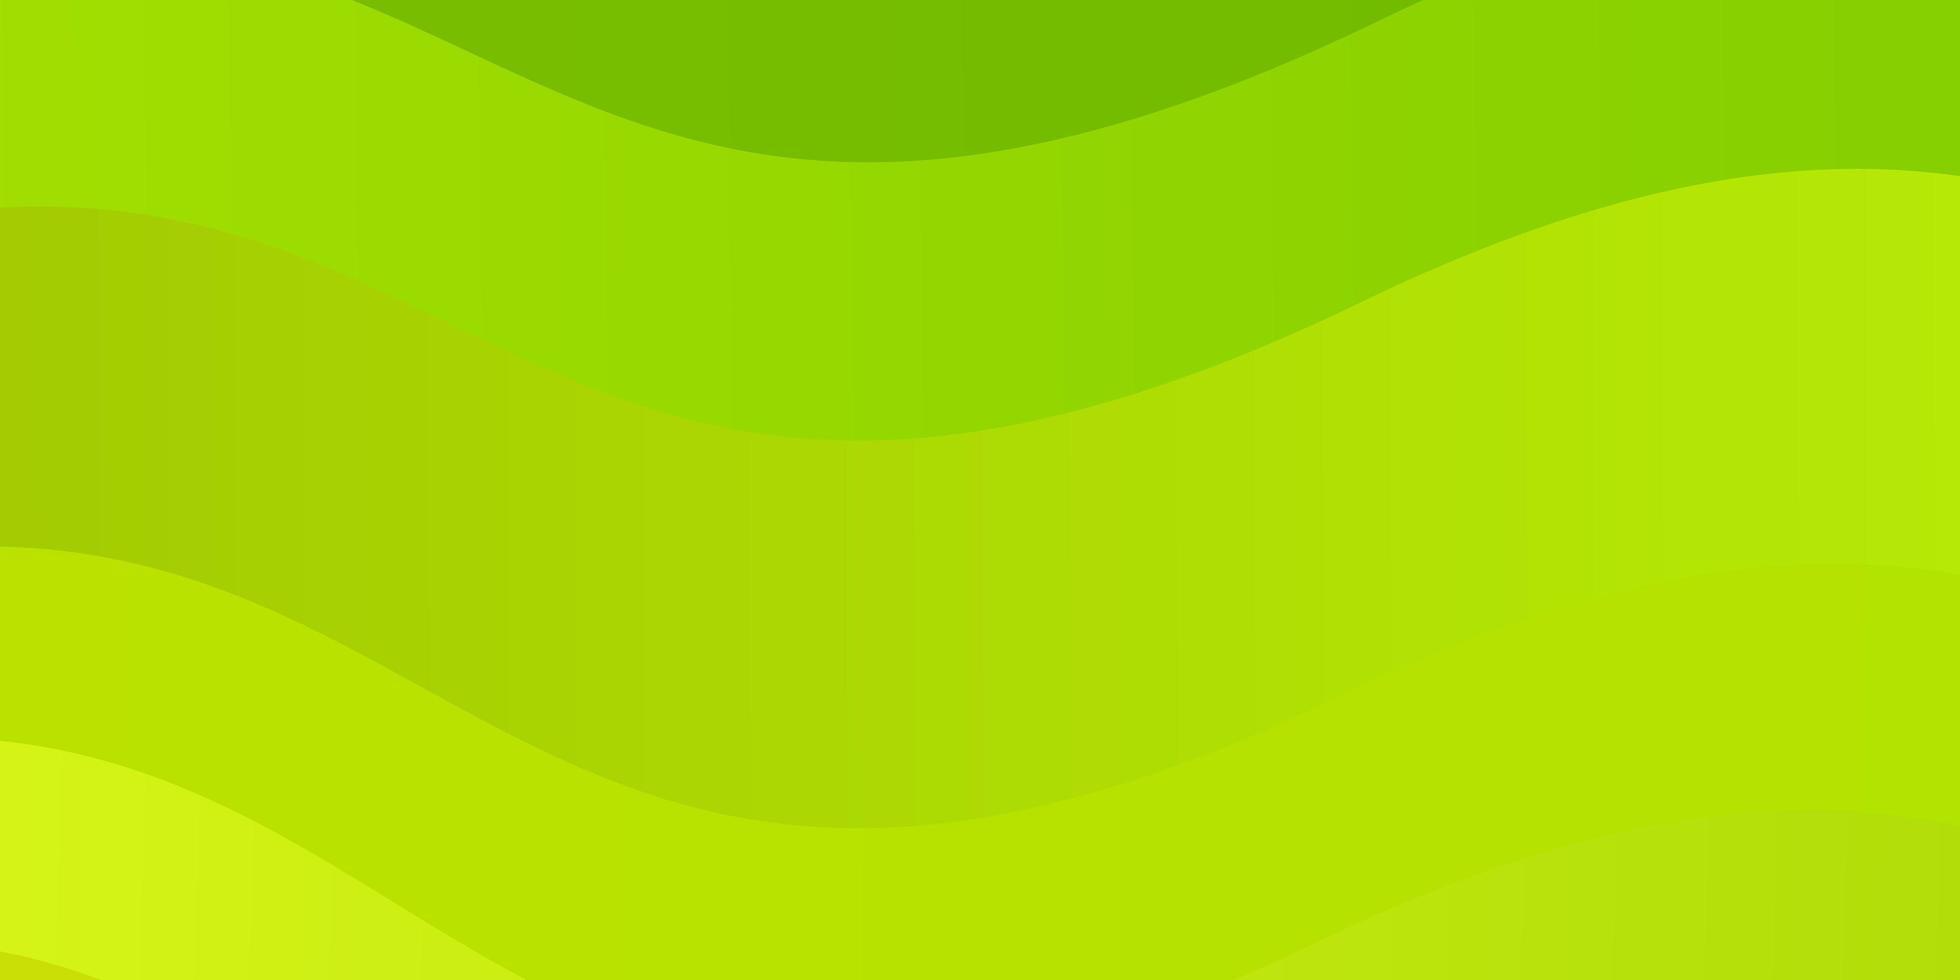 textura verde e amarela com curvas. vetor